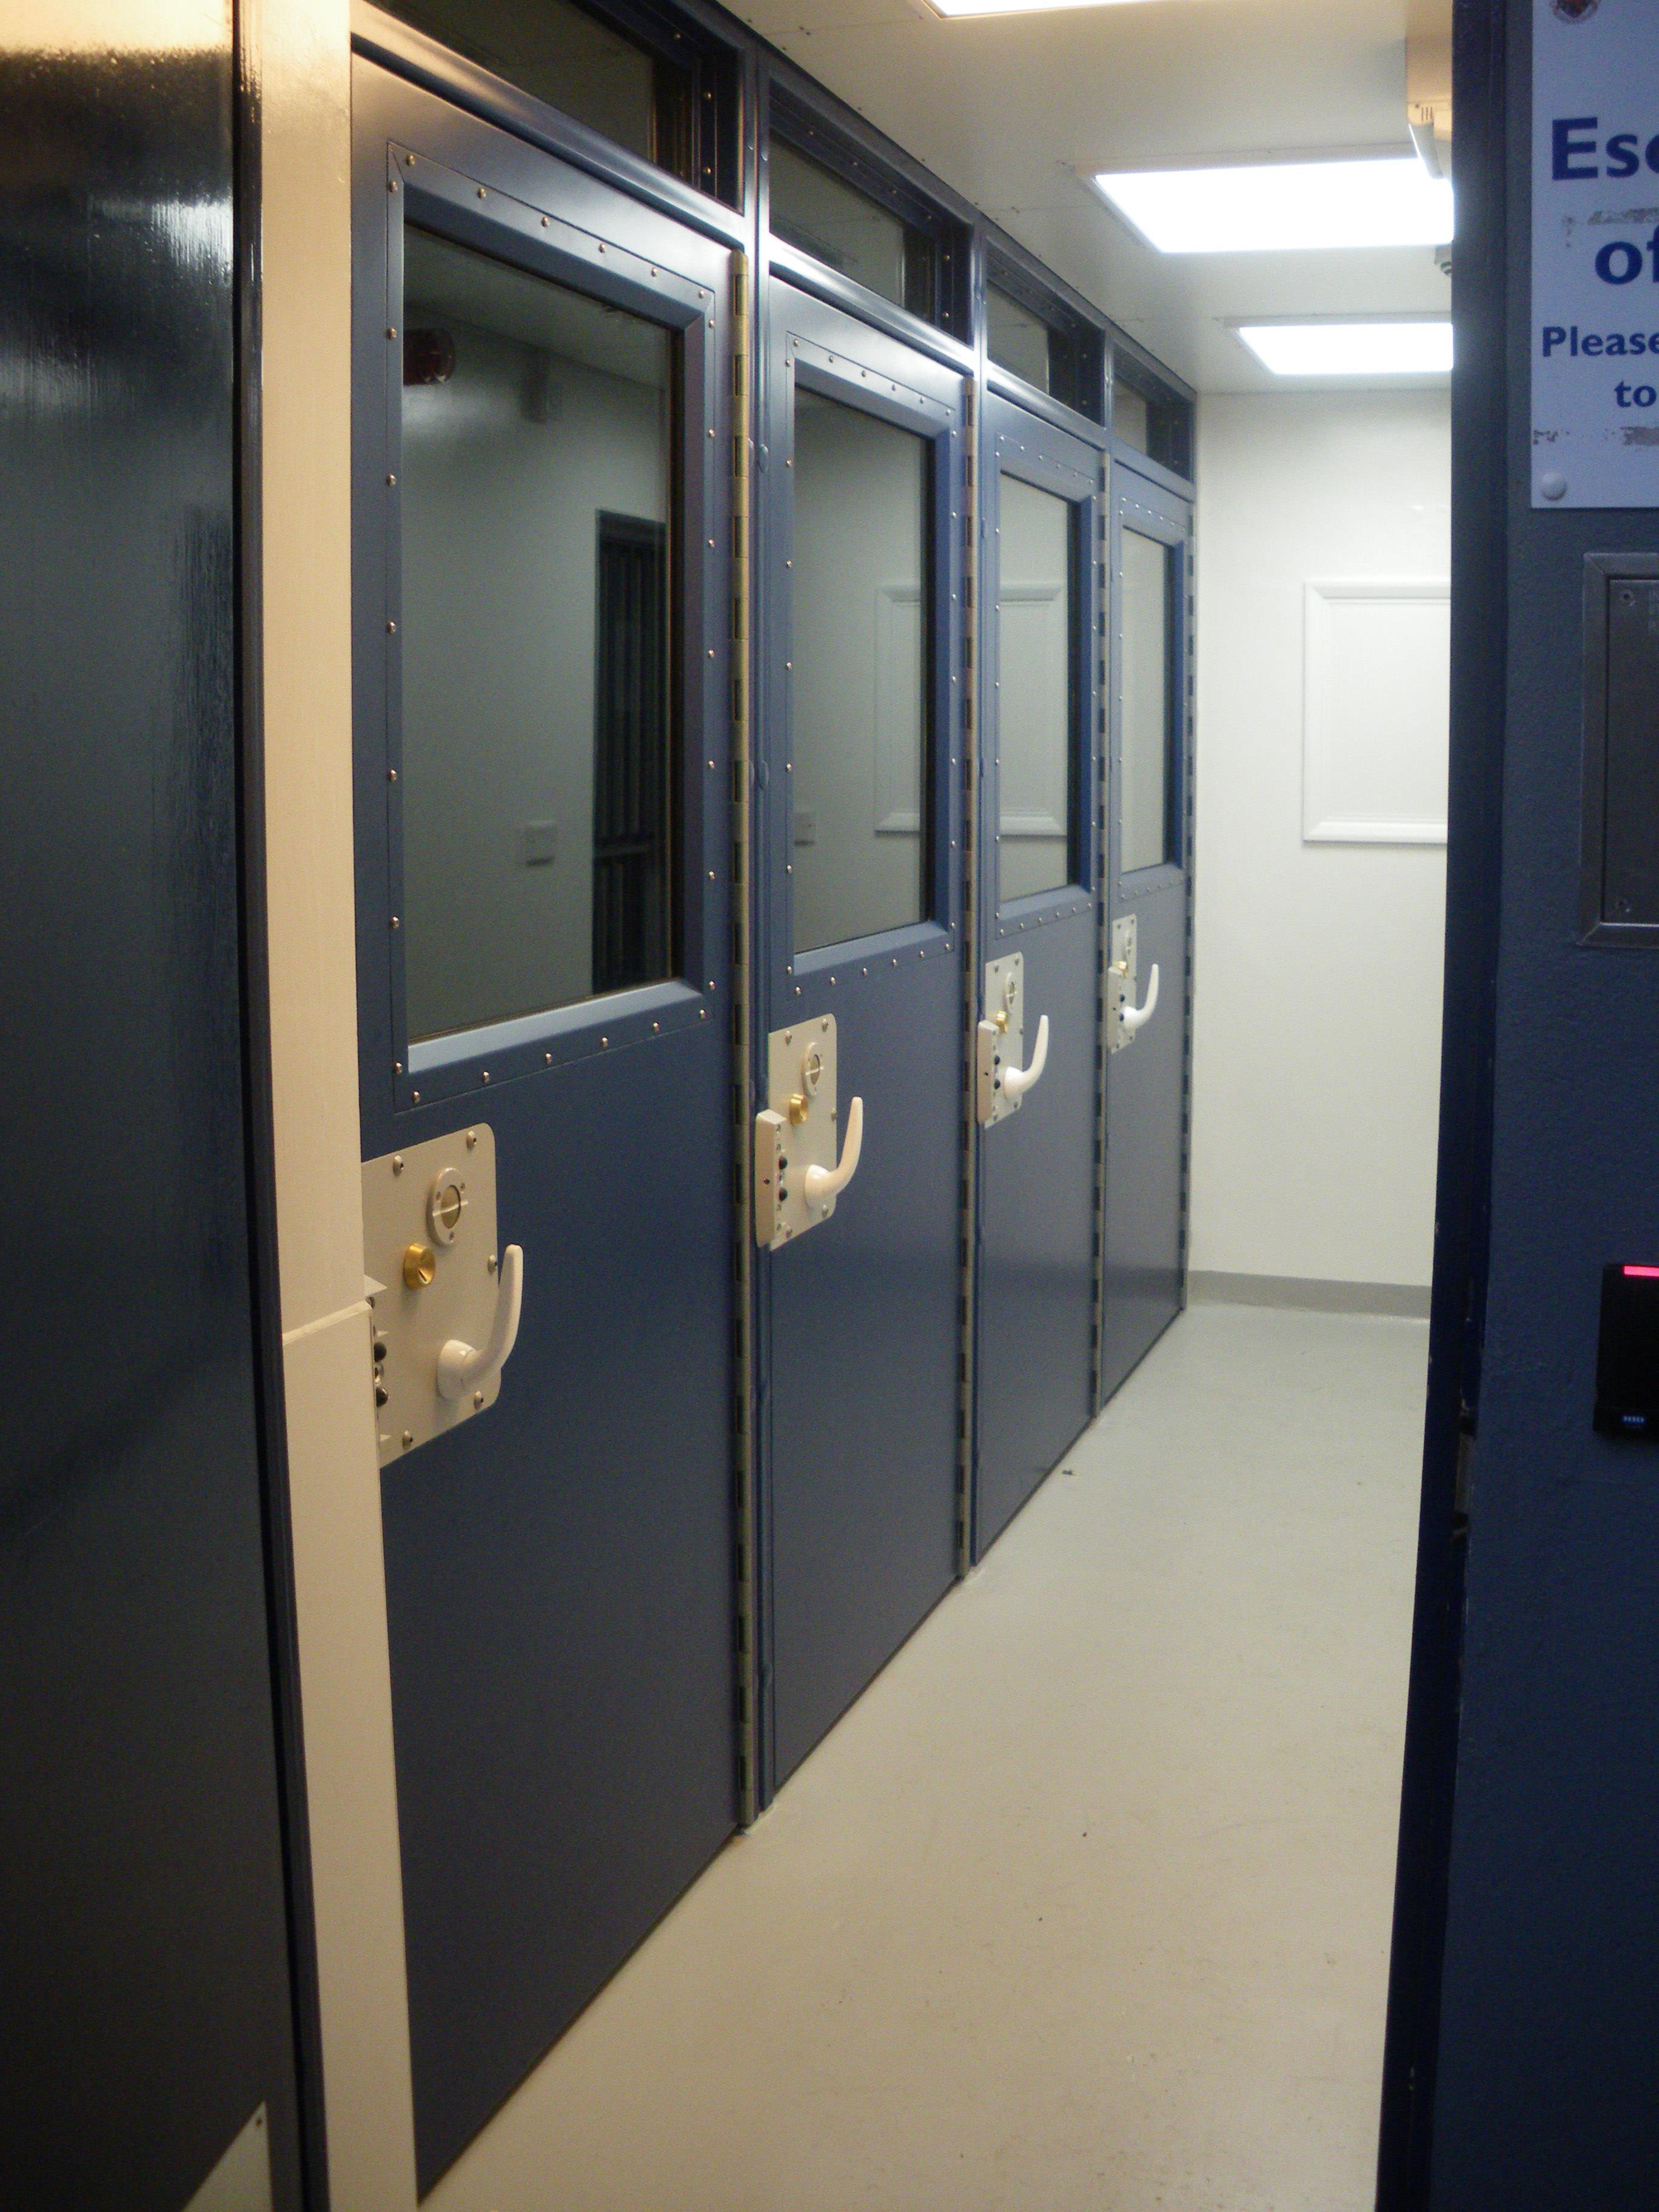 9D004 - Police Holding Room Door